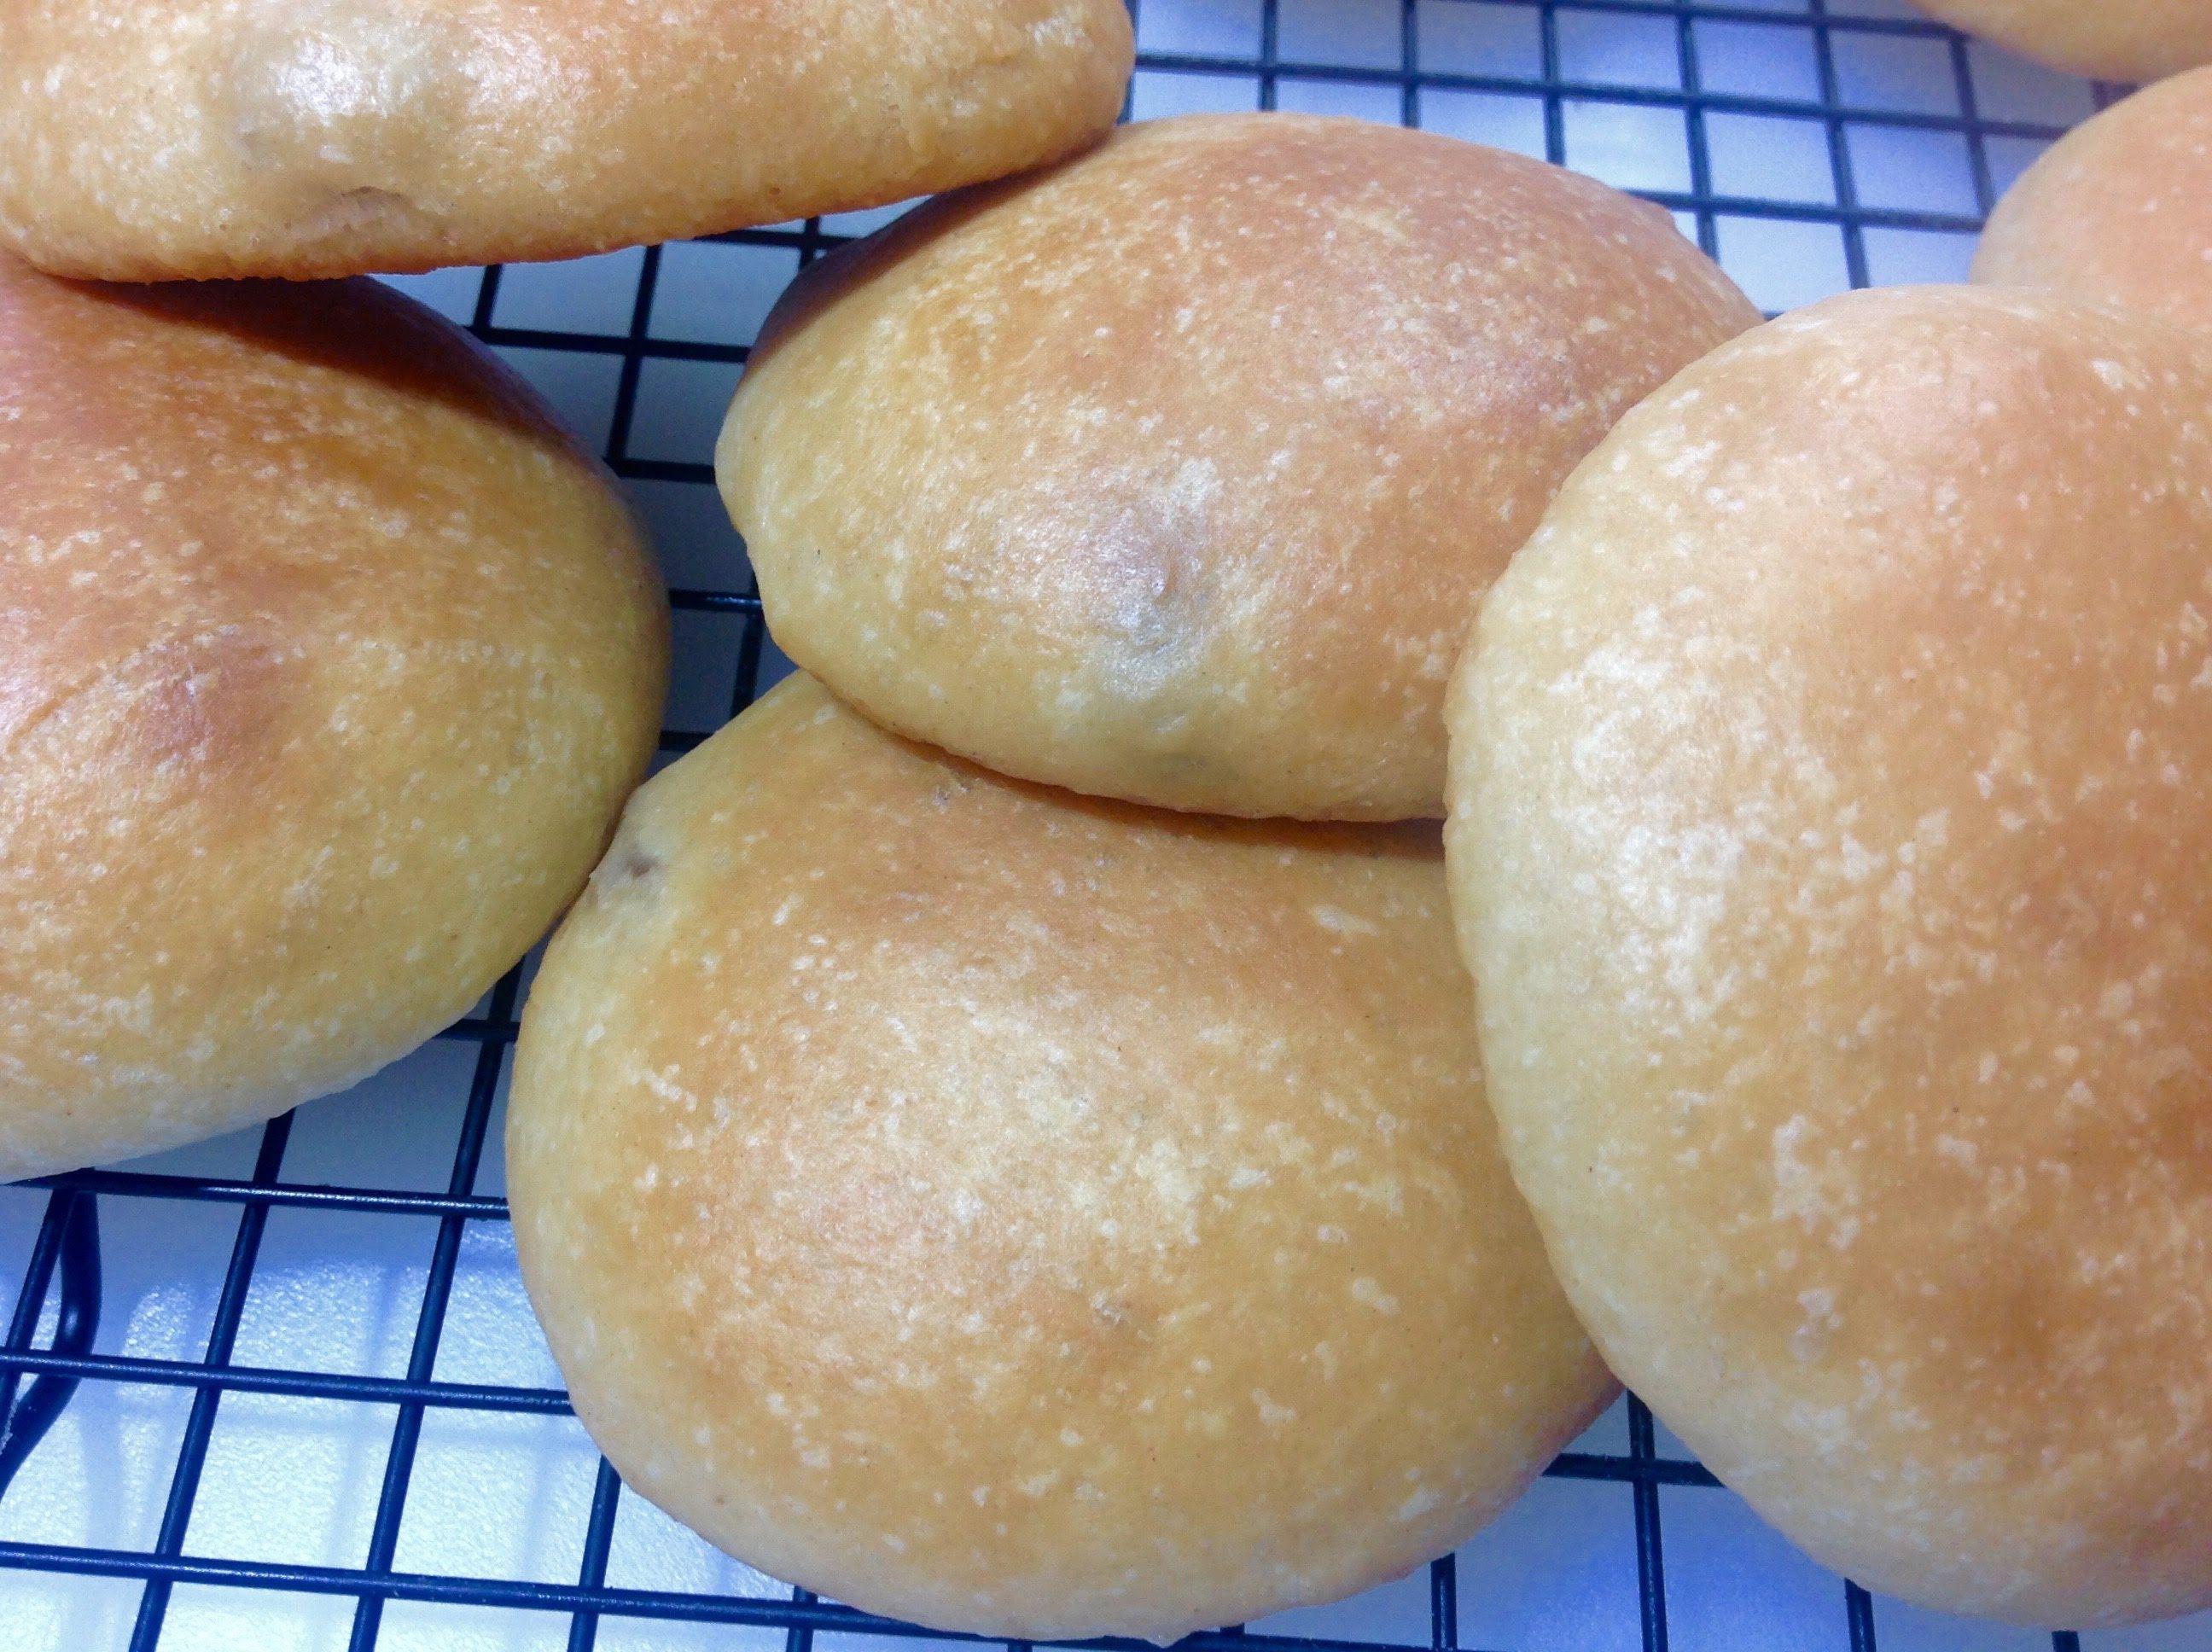 طريقة عمل فطير الملاك Cooking Recipes Loaf Bread Sweet Savory